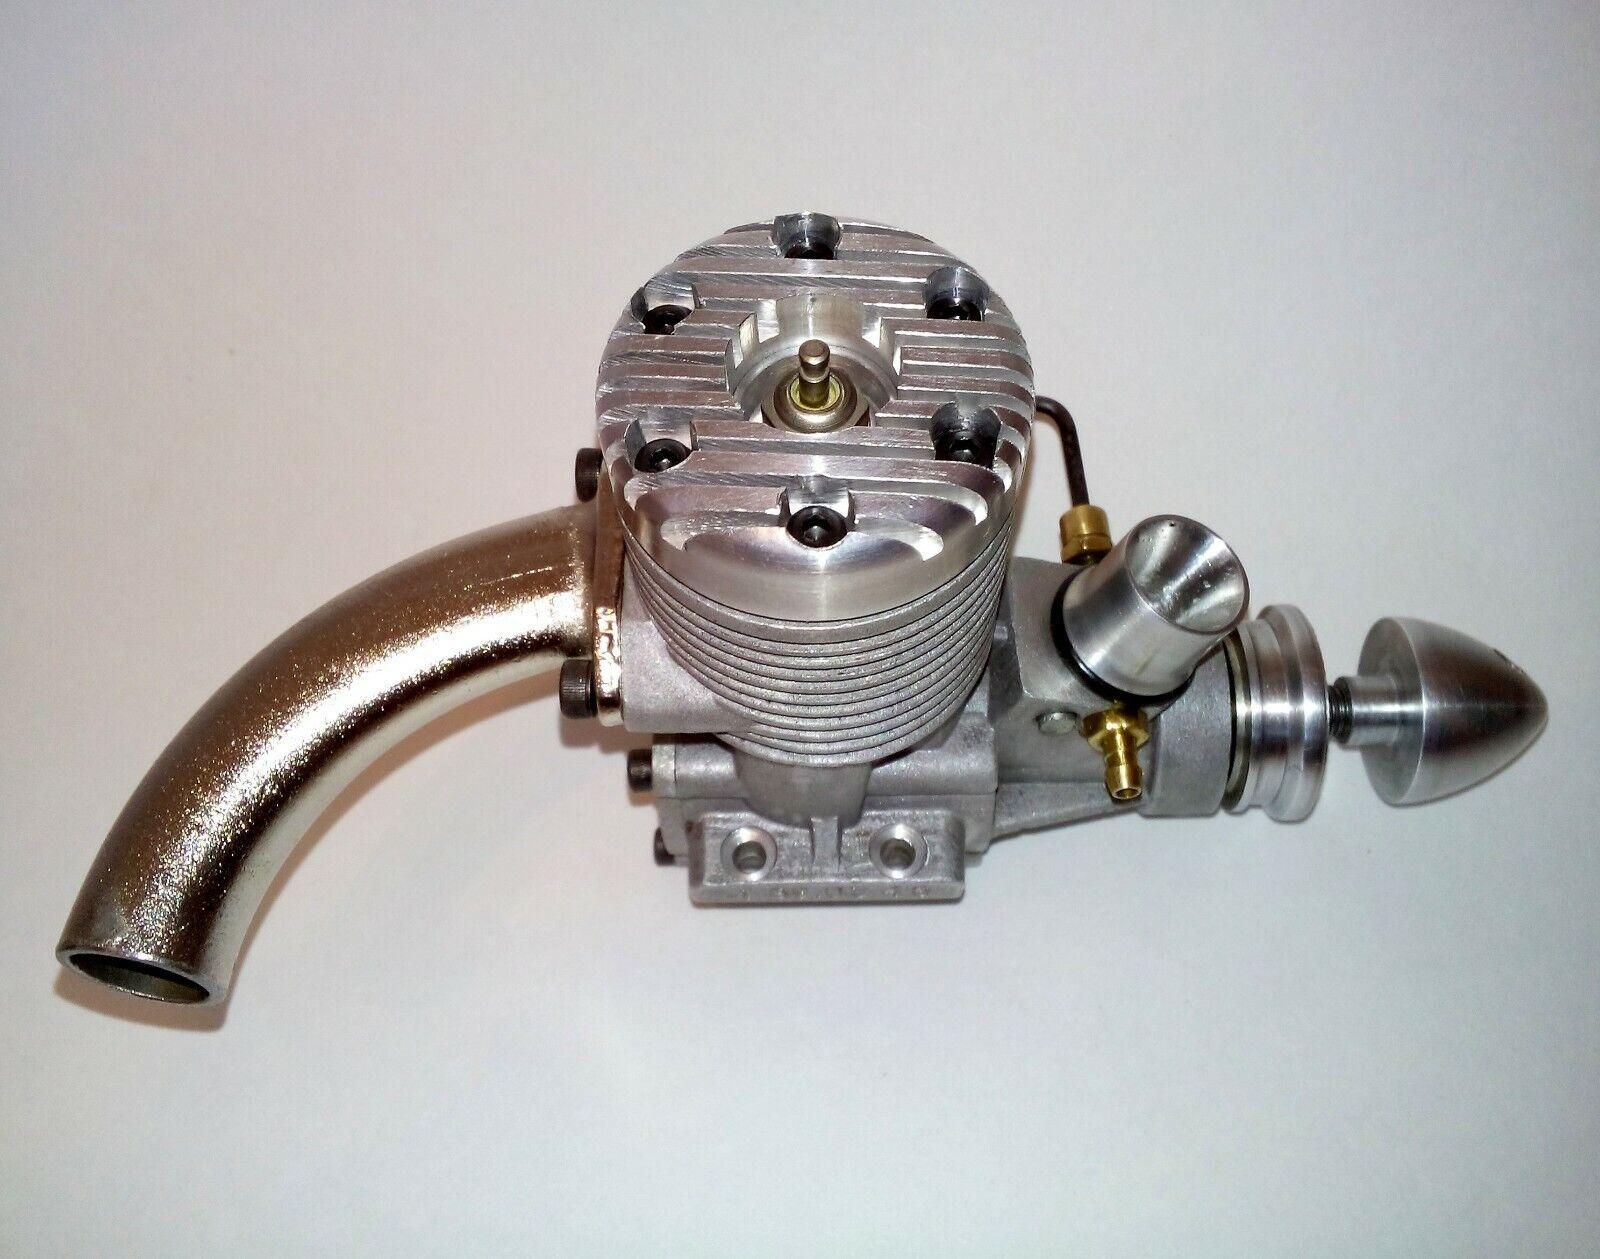 modello Airplane 2-Stroke Glow   Nitro  Engine ABC  4.07cc .25cu.in  sconto di vendita